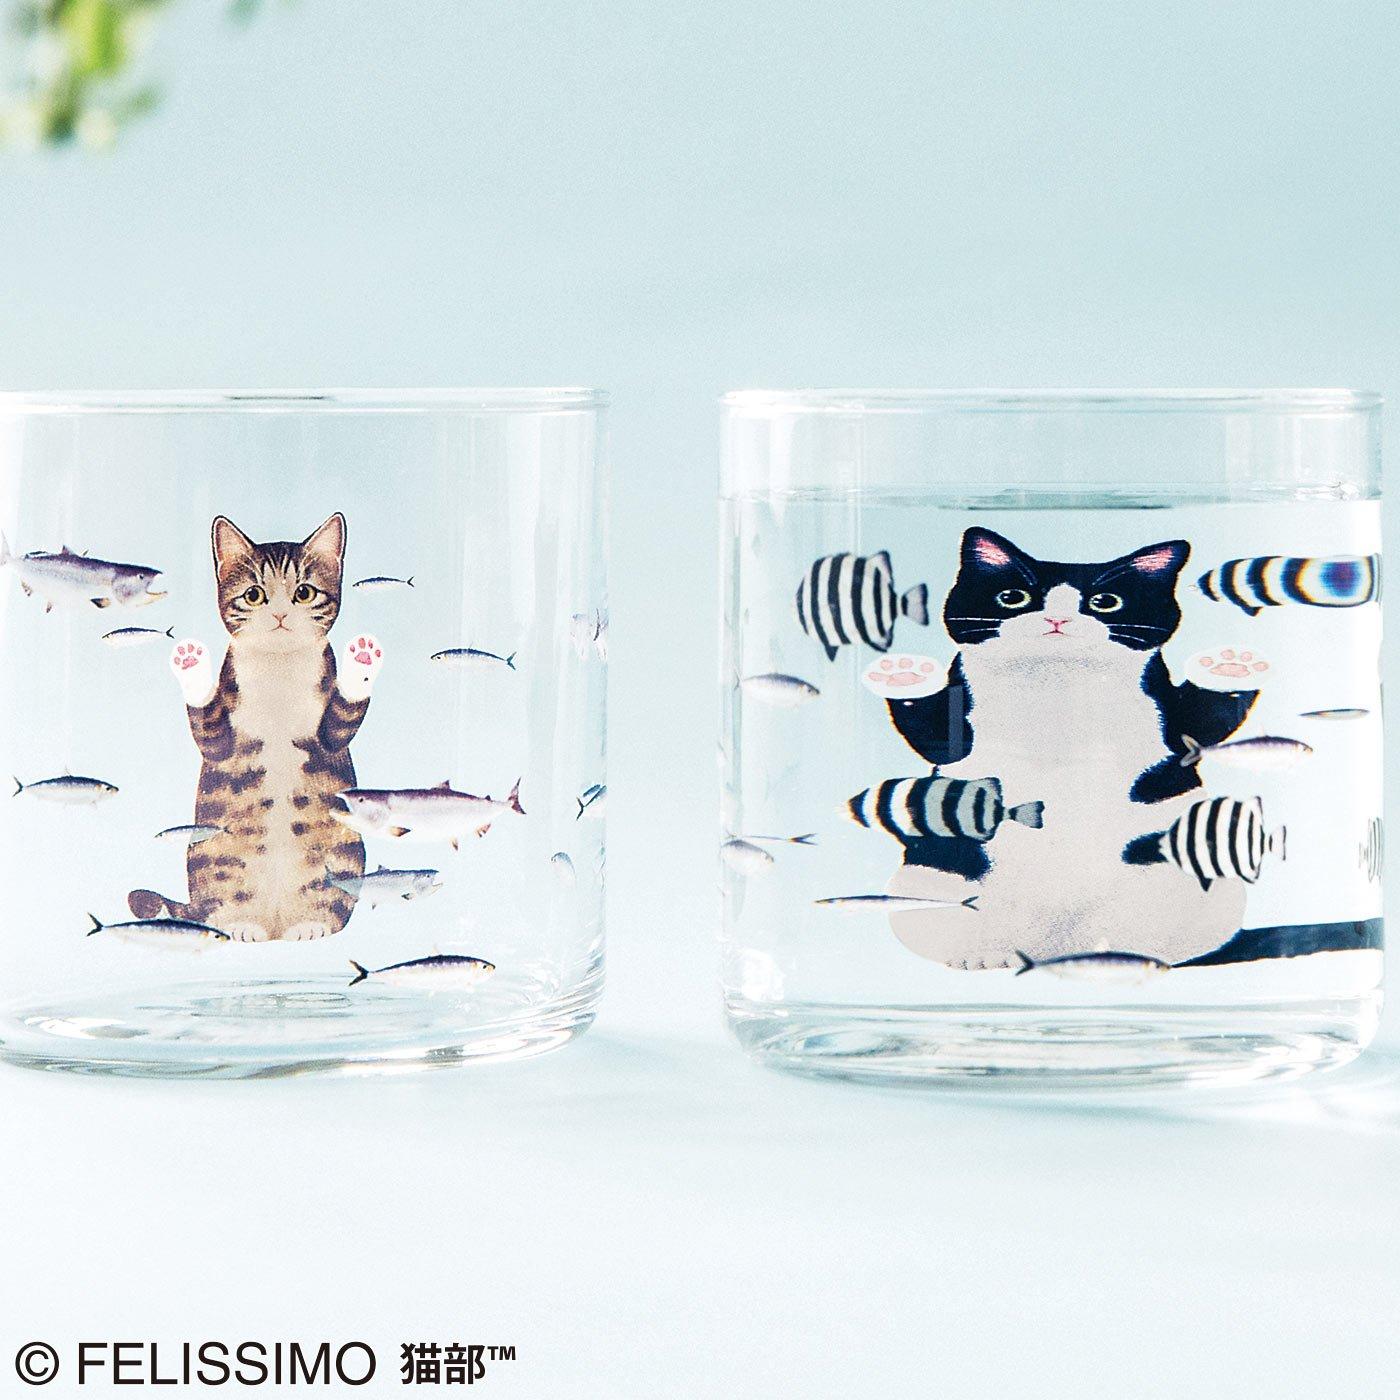 【2個セット】おいしそうだニャ~ 猫さん夢の水族館グラスの会